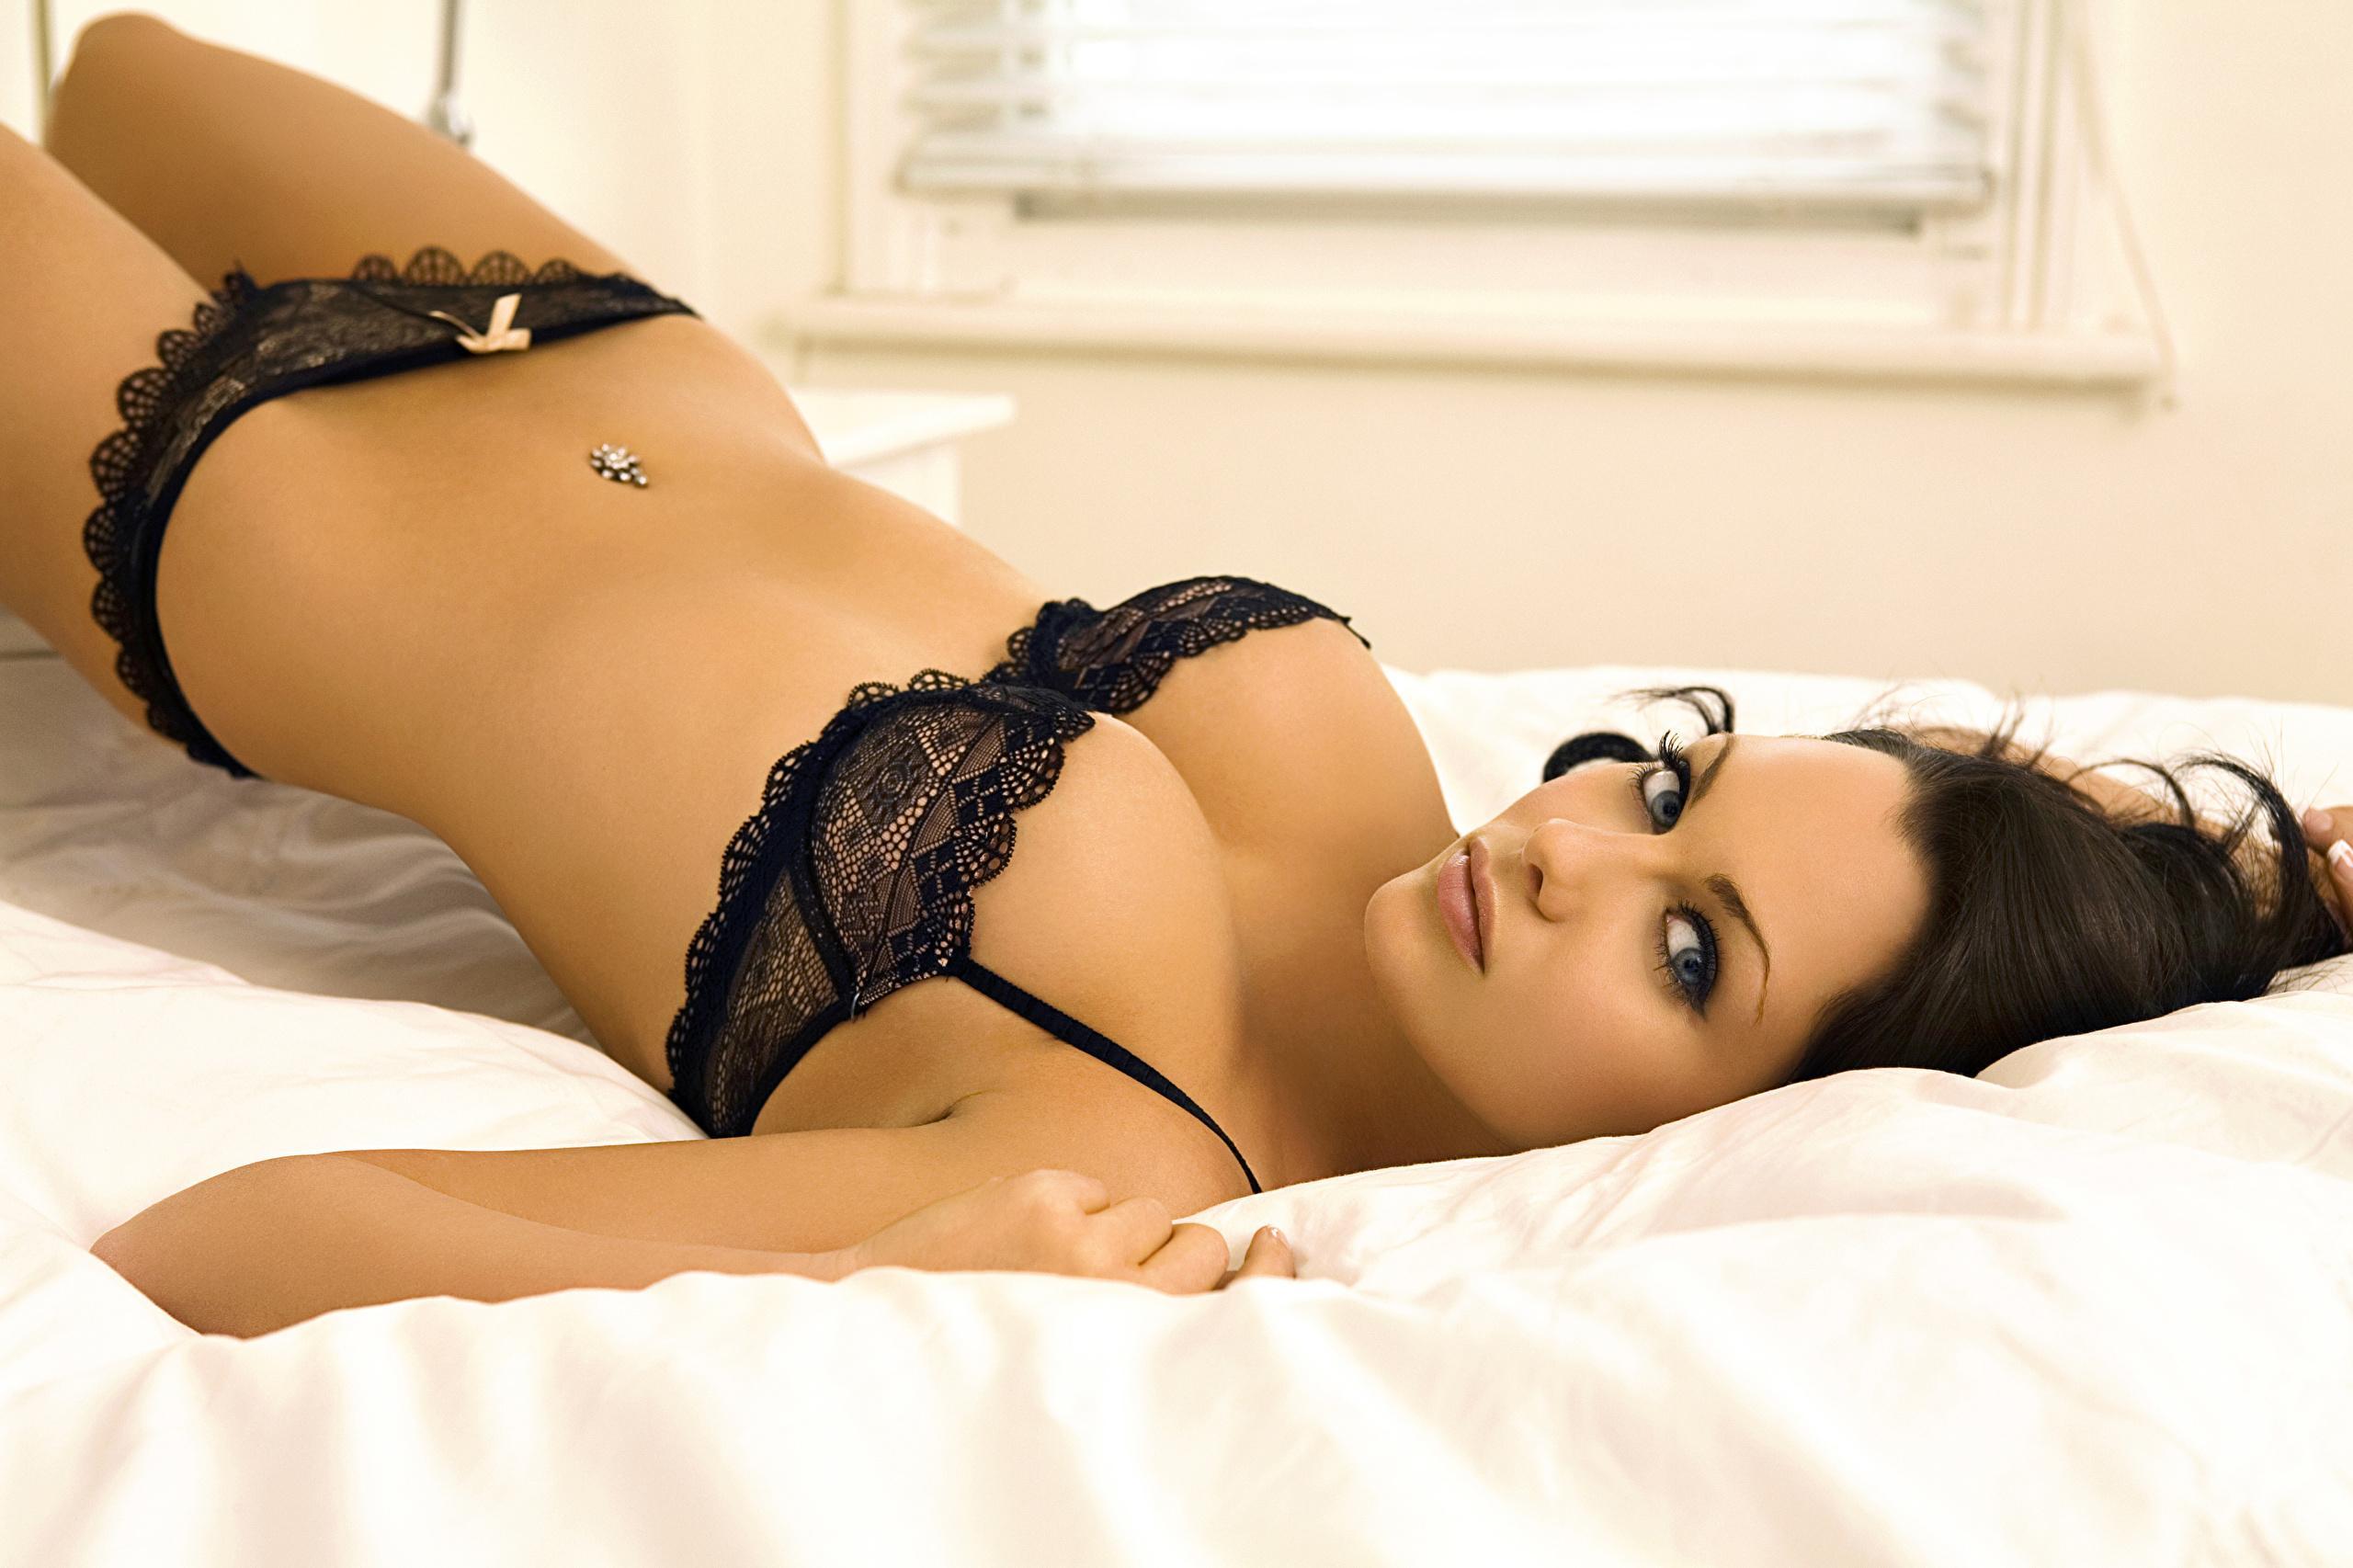 Самый сексуальные телки, Секси девушки и женщины во всей красе - интим фото 18 фотография